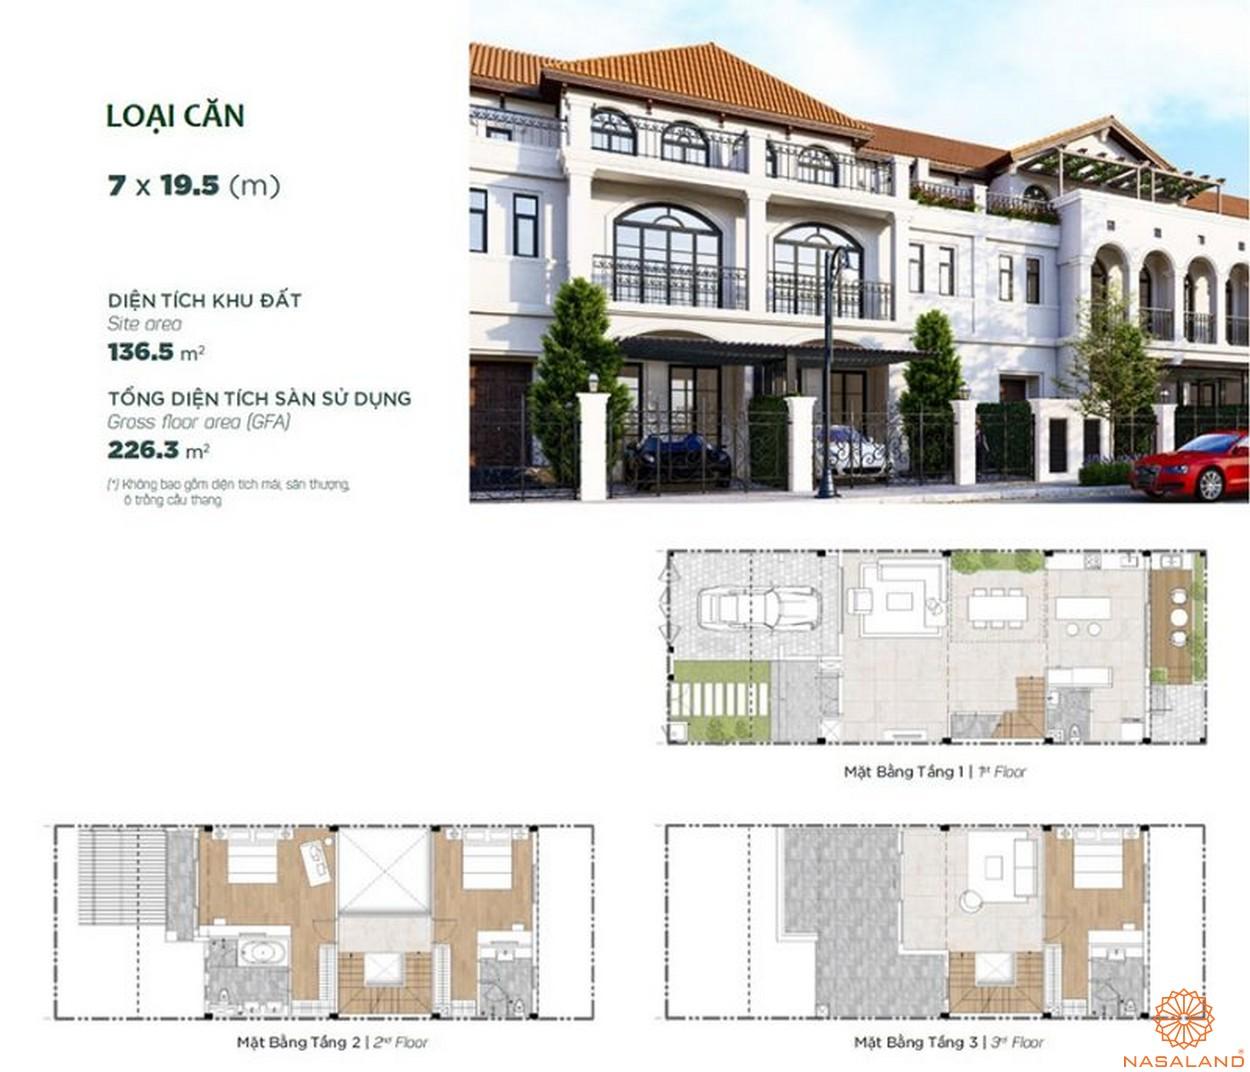 Thiết kế dự án biệt thự Aqua City Đảo Phượng Hoàng Đồng Nai - nhà phố 1